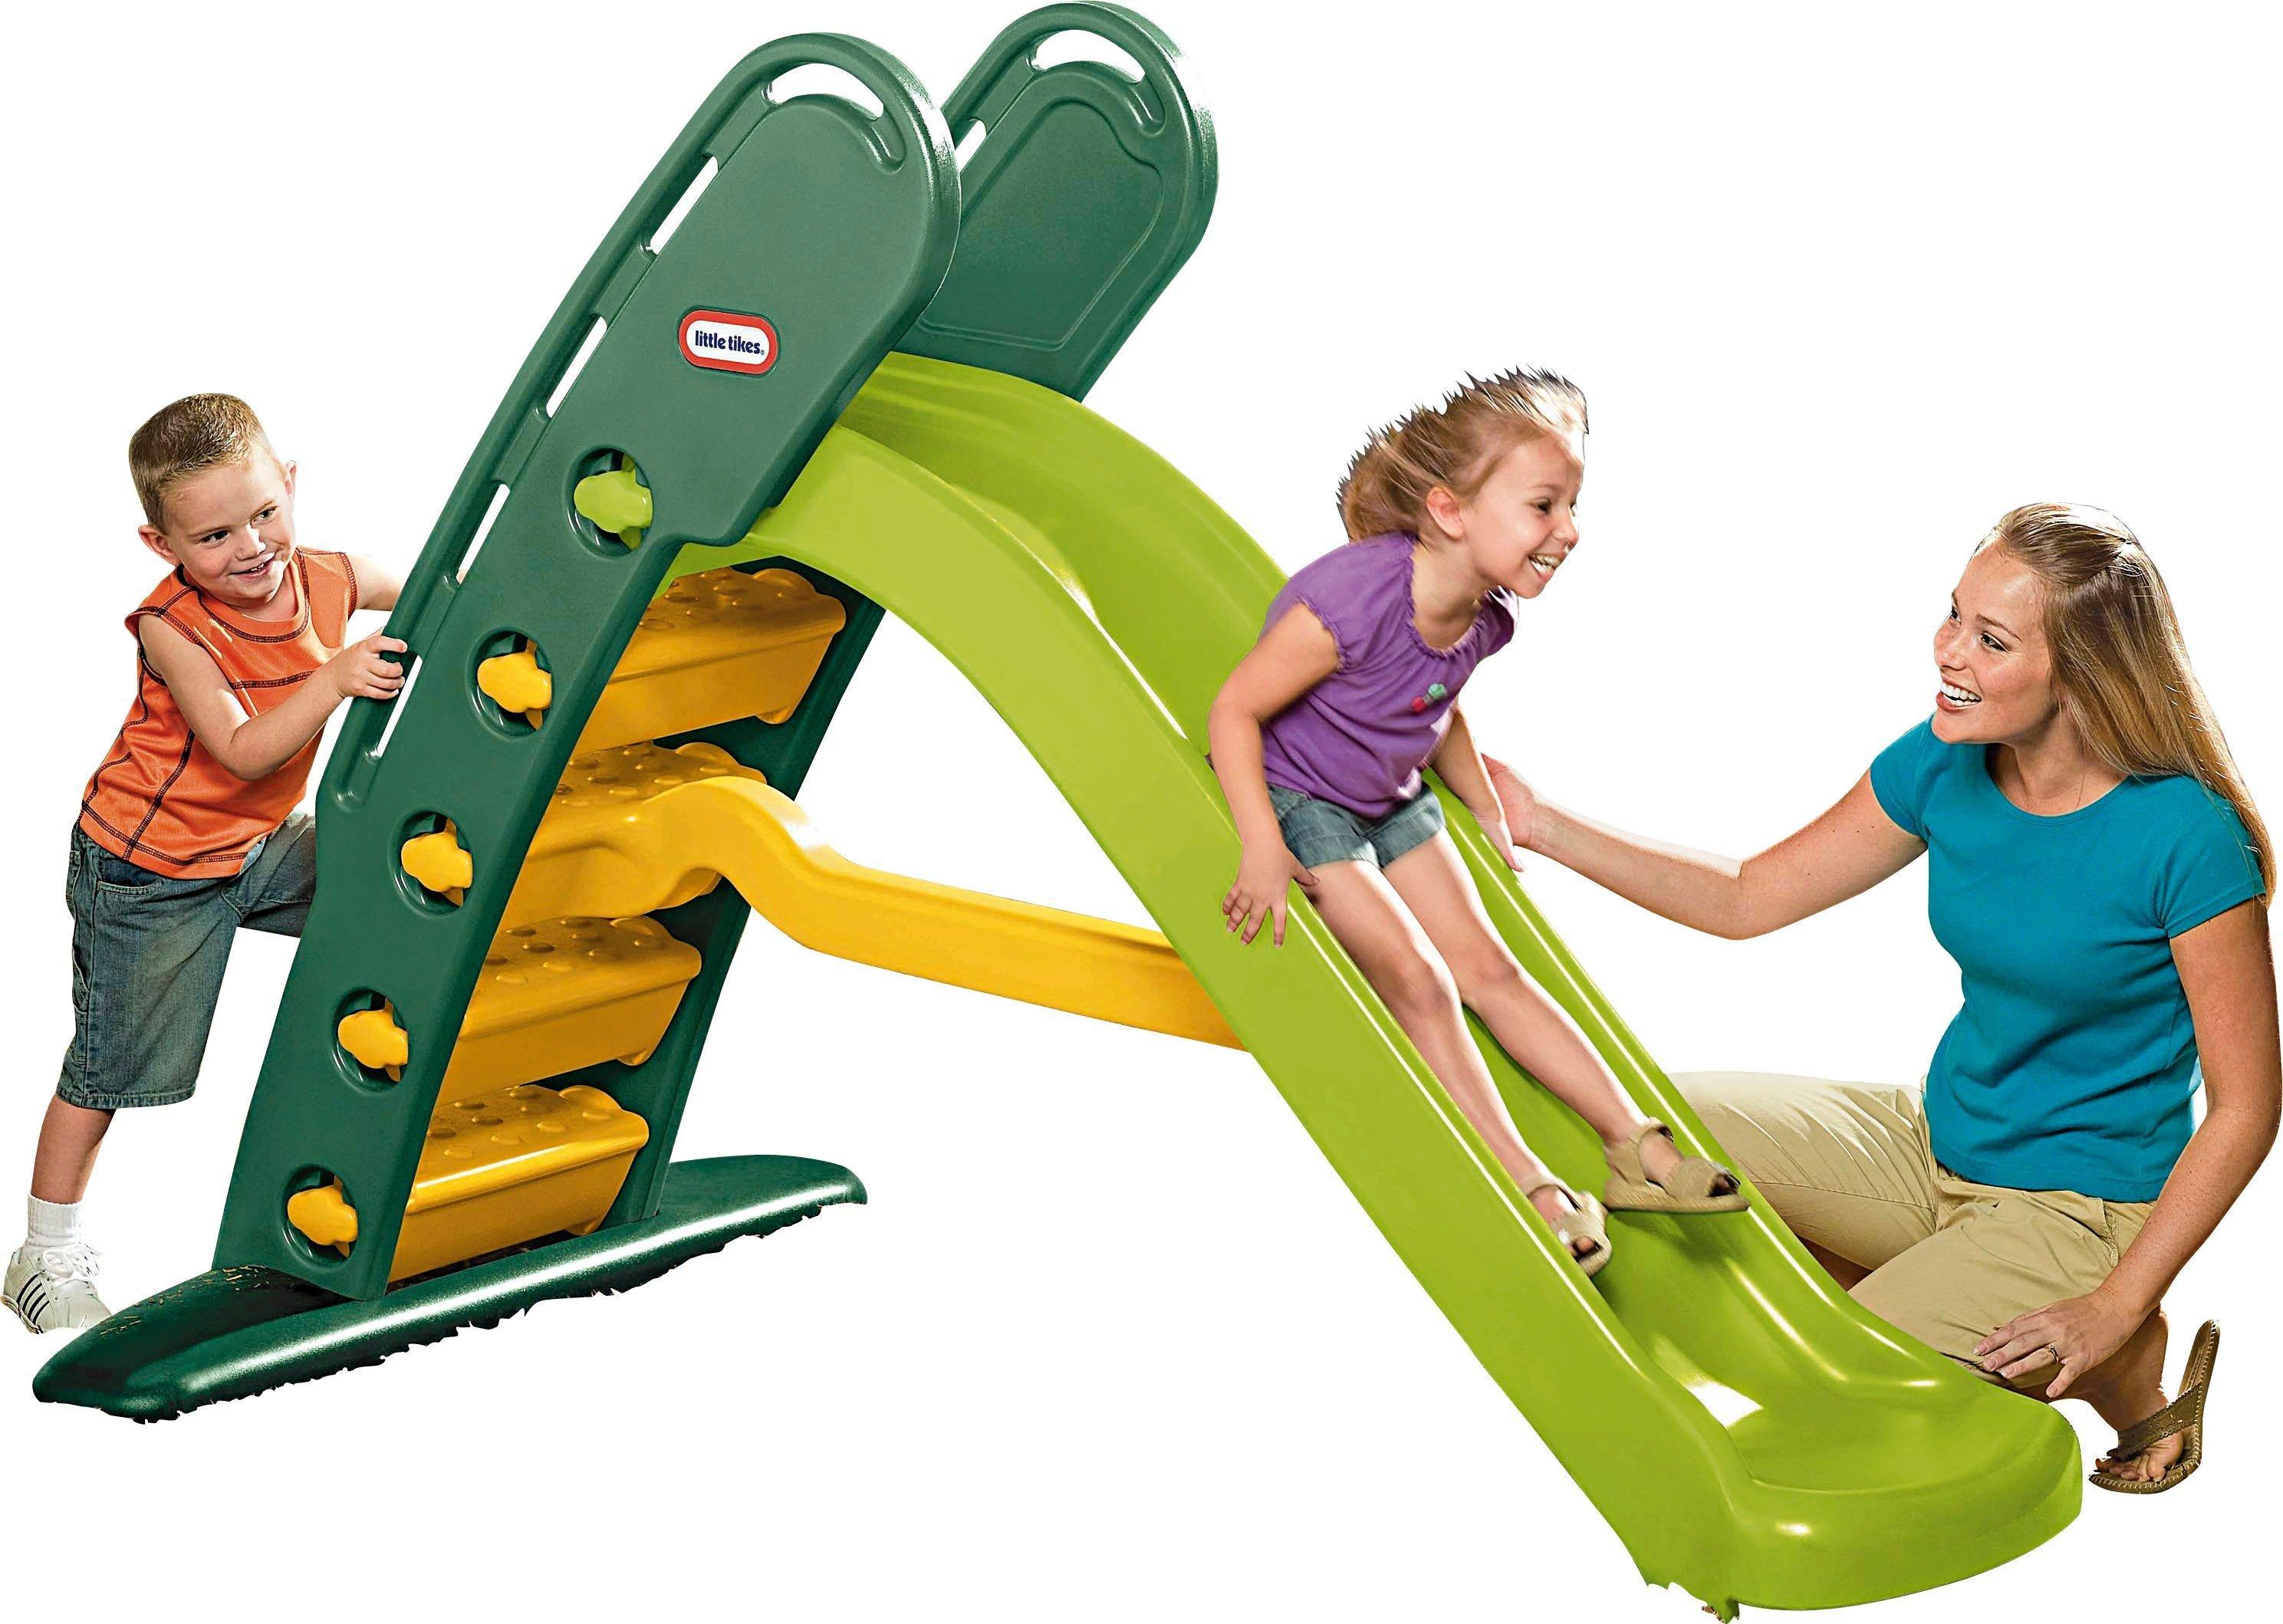 Little Tikes Easy Store Giant Slide - Evergreen